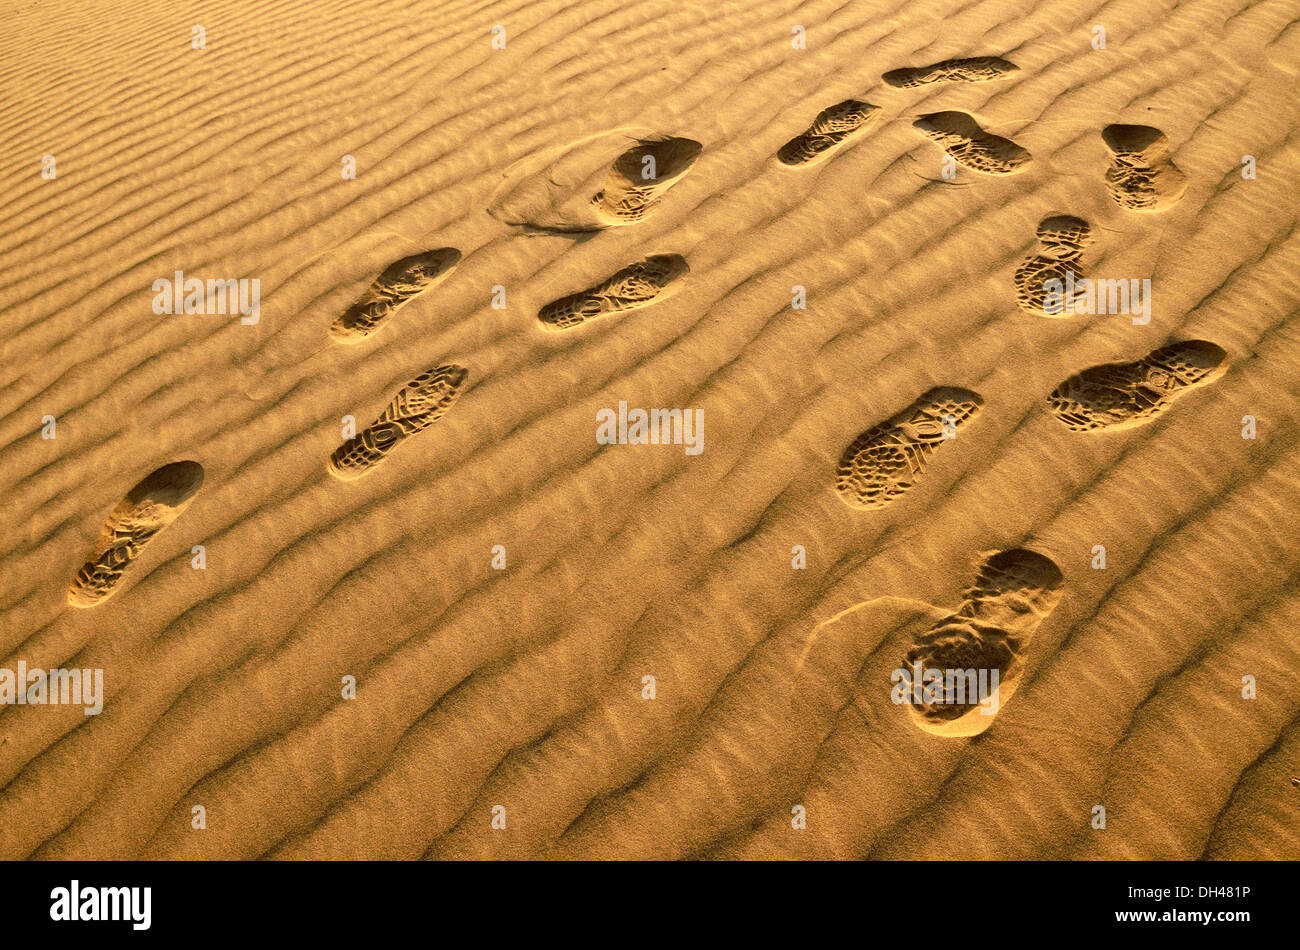 Sable Sur Chaussures Pieds Du Désert Empreintes Les Dunes De vqOxzHYwA